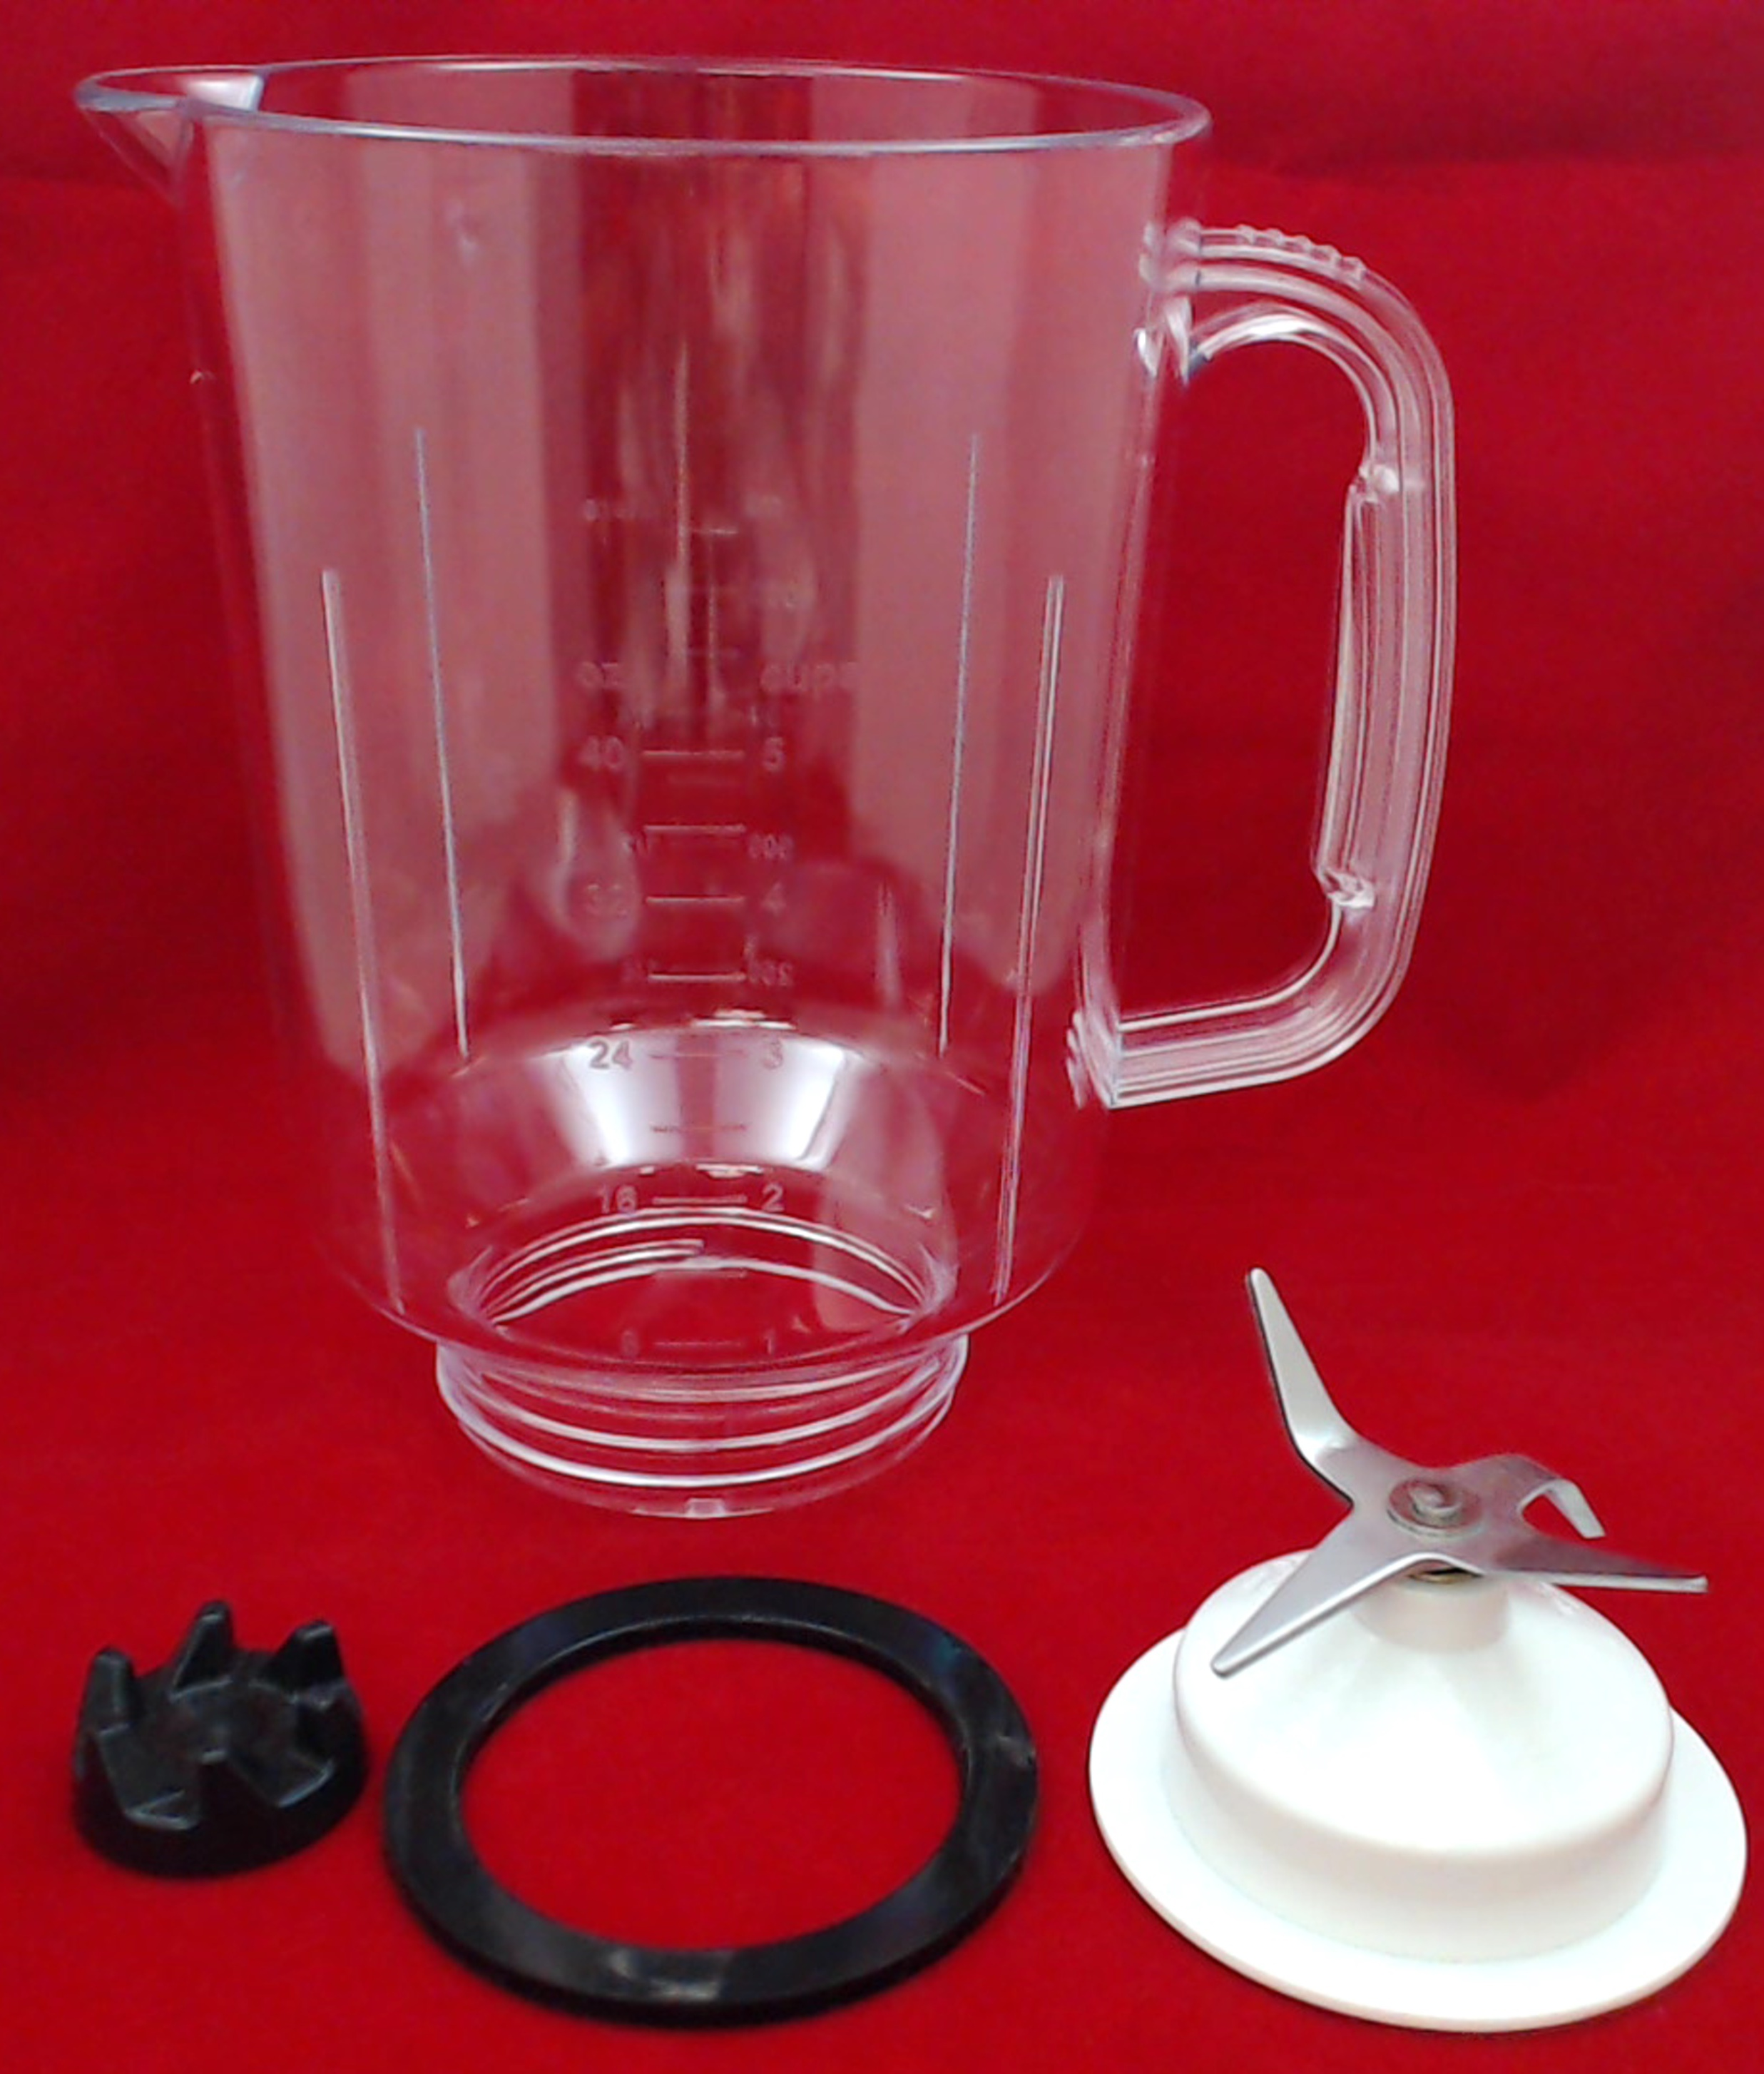 Plastic Blender Jar Repair Kit For Kitchenaid 9704200p 9704230 9704291 Ebay